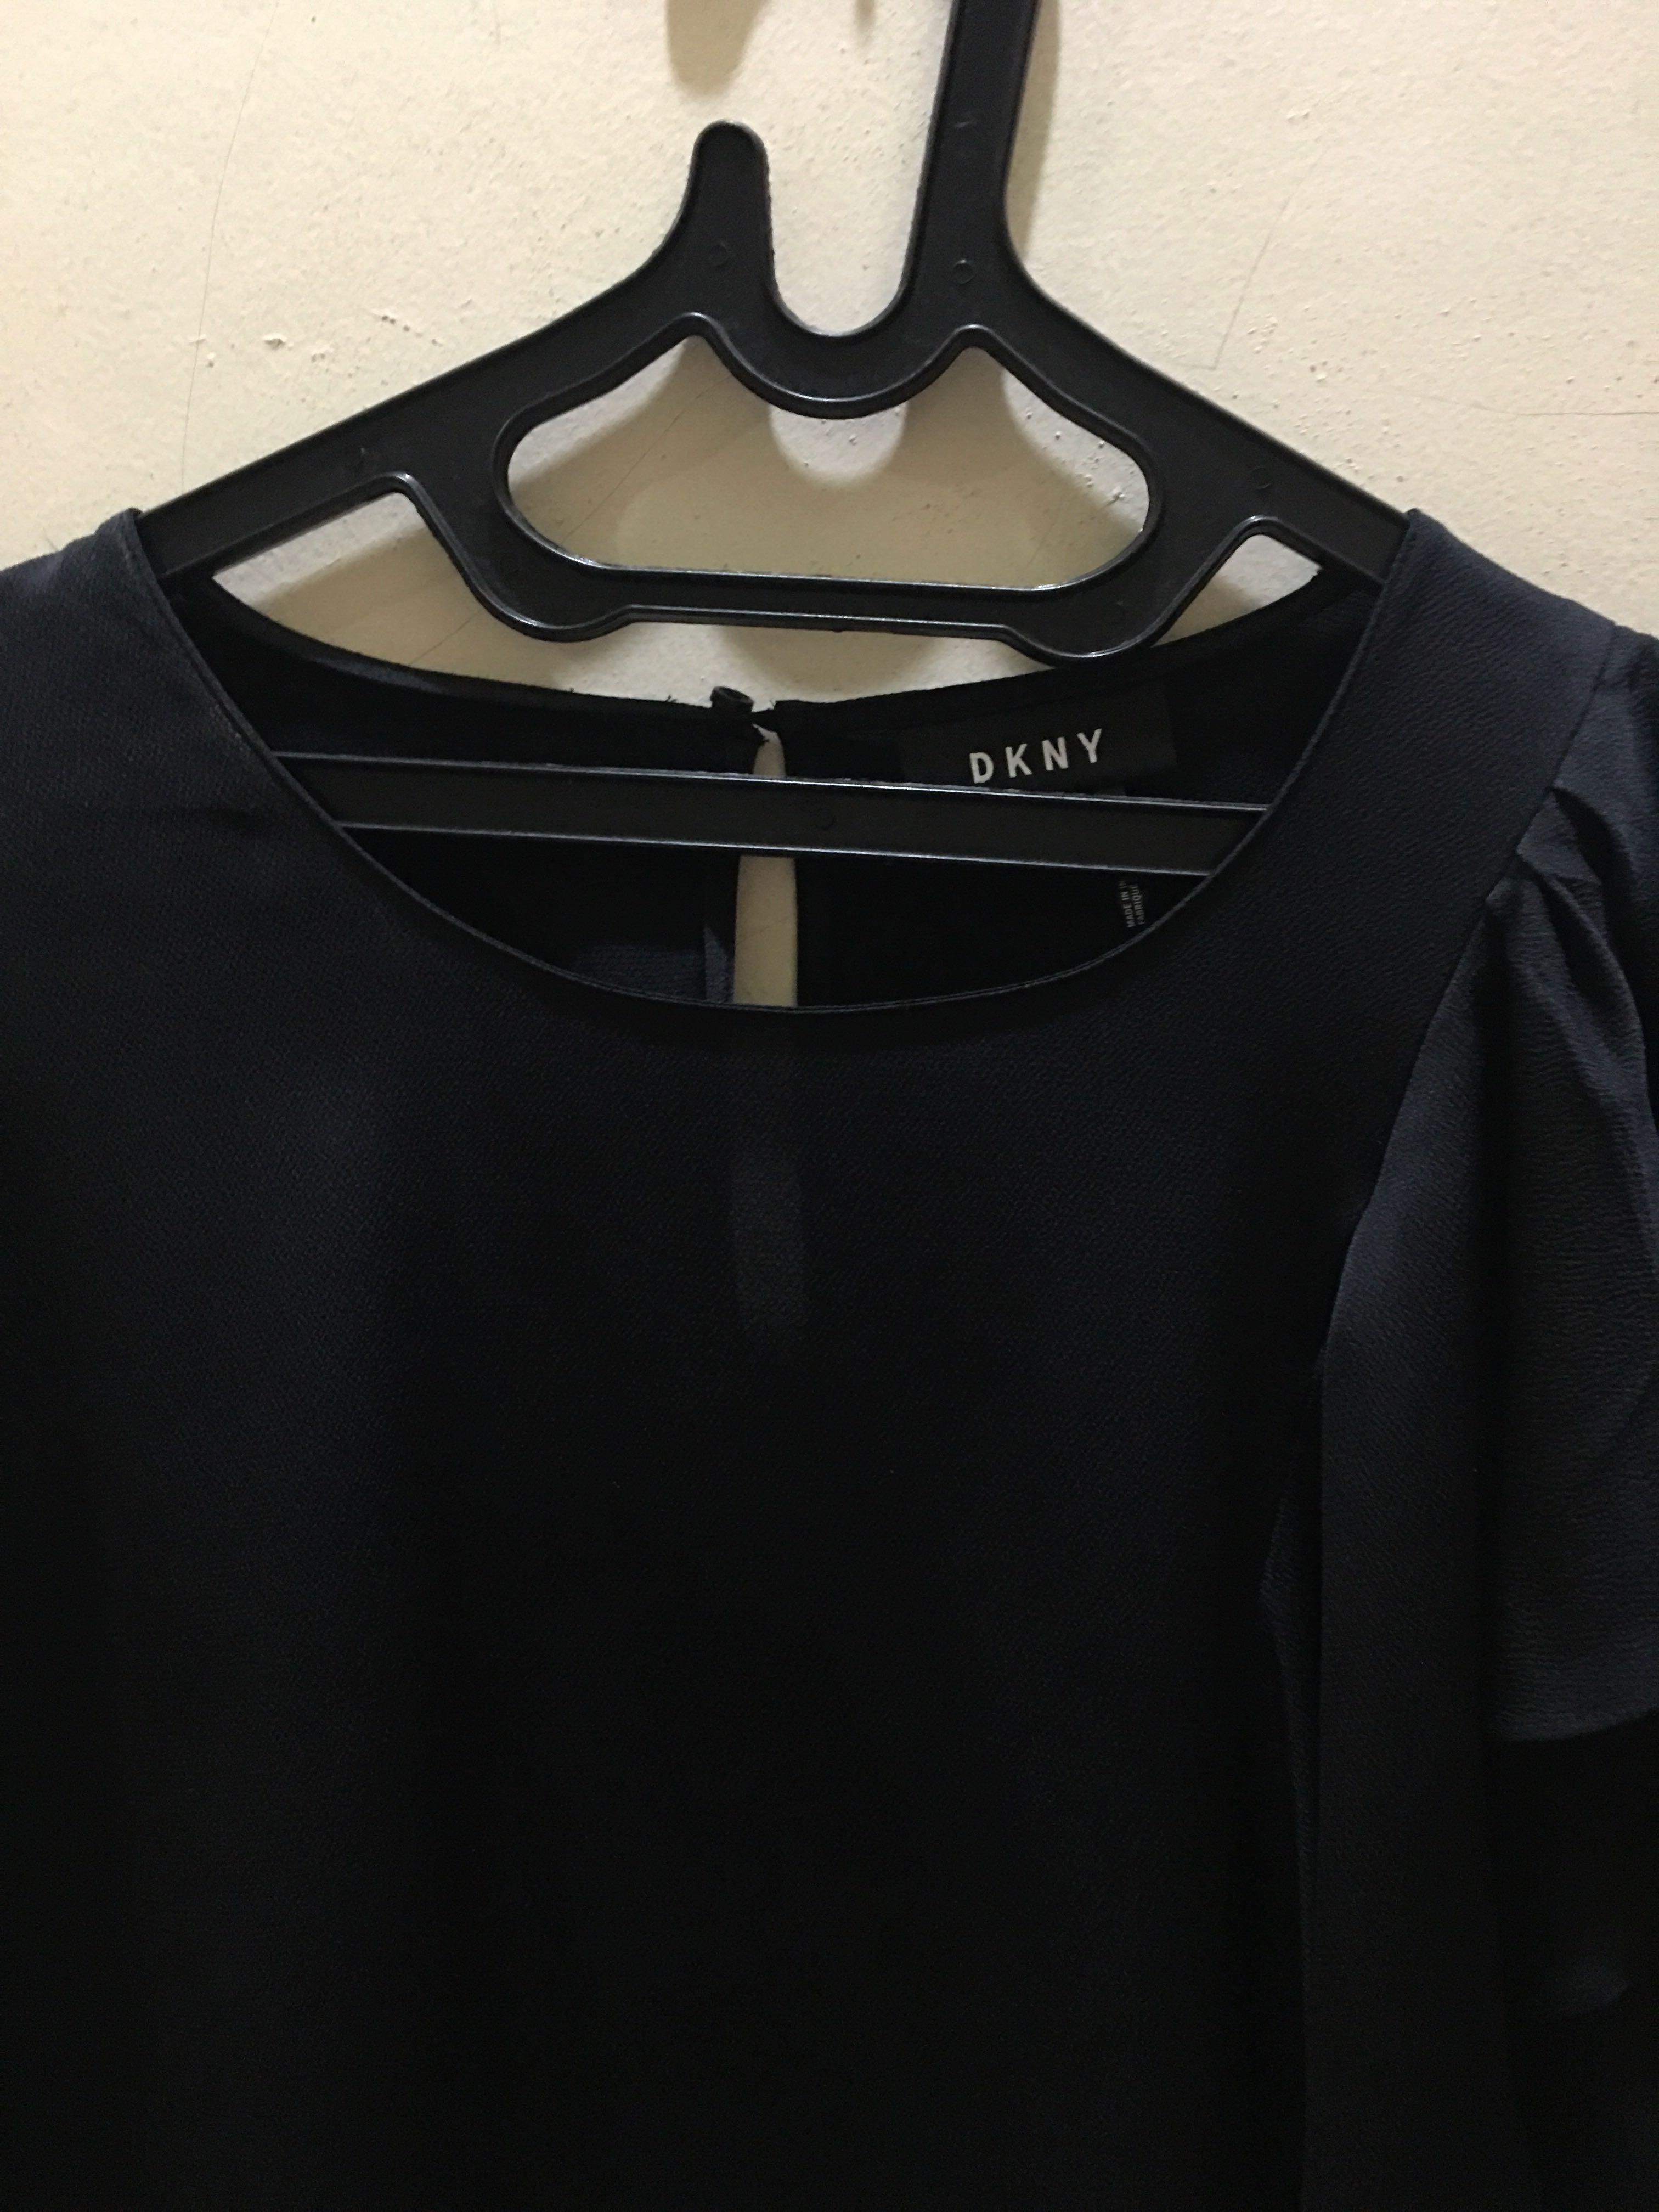 DKNY layer black top #dibuangsayang